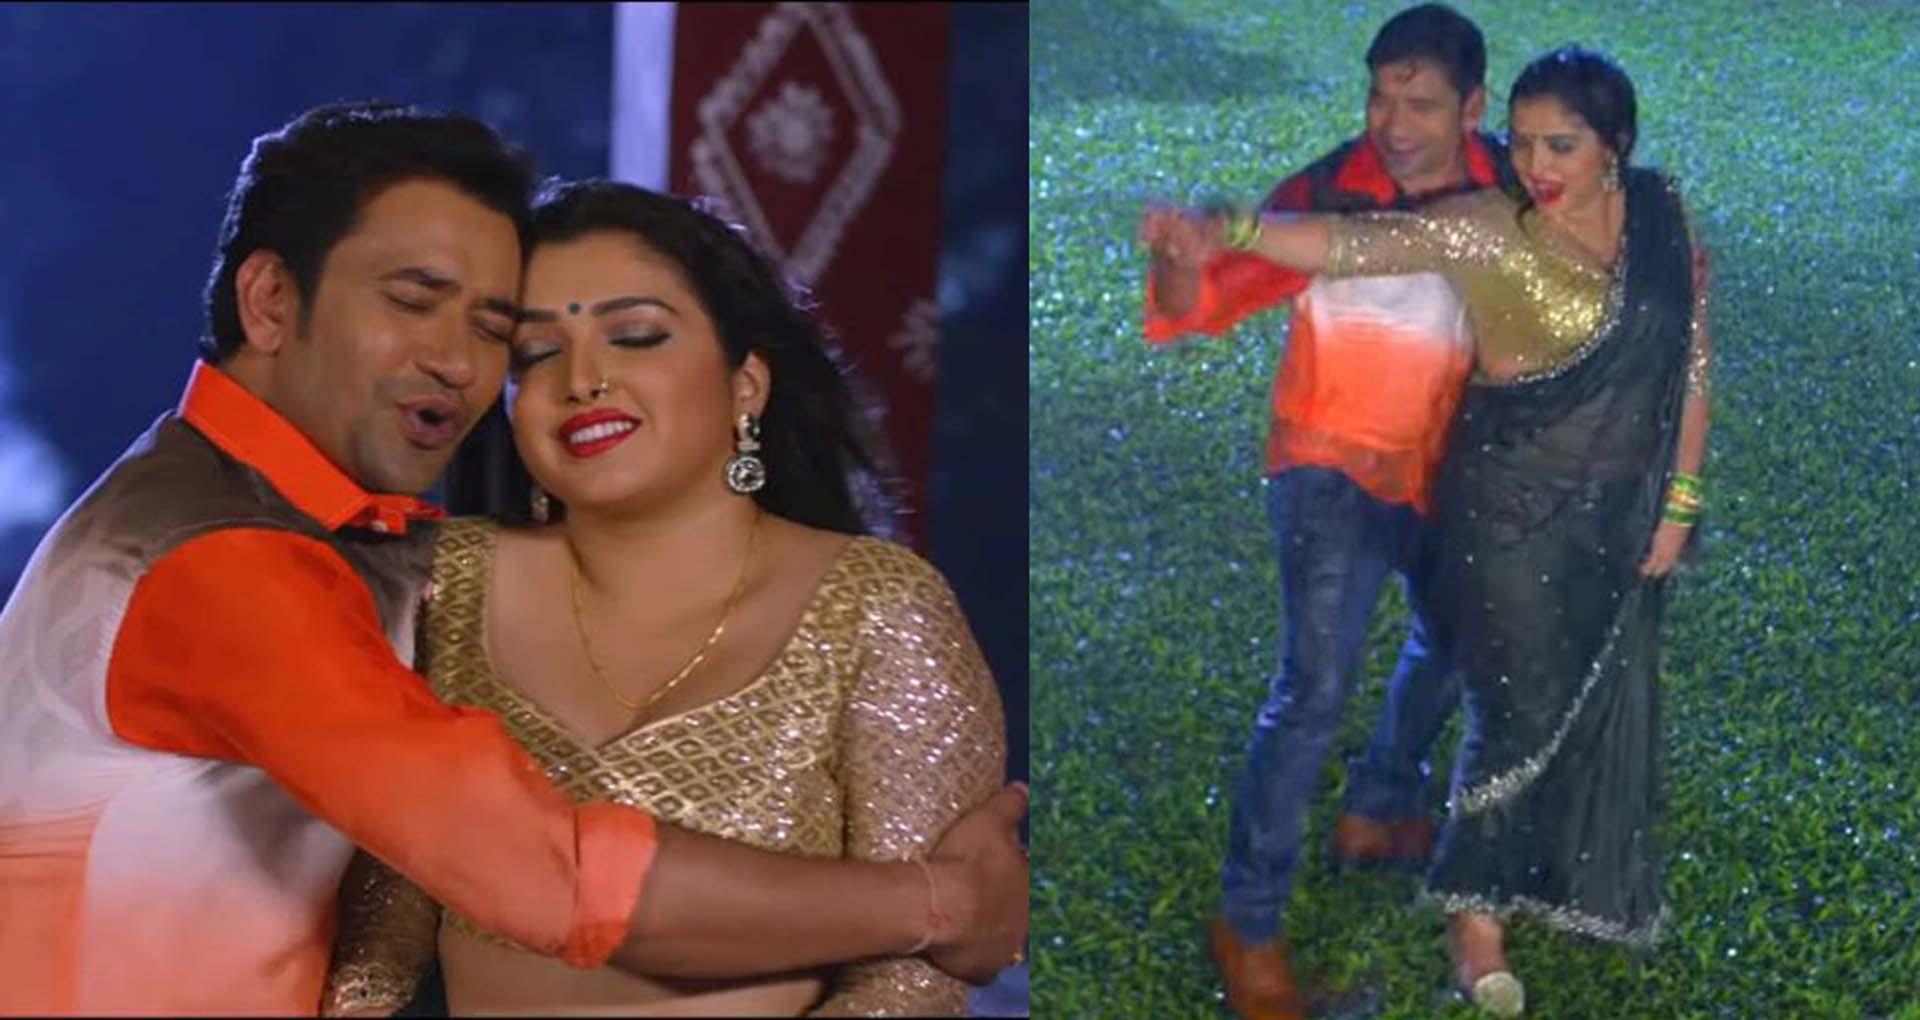 Amrapali Dubey Hot song: आम्रपाली दुबे का गाना 'निशा में चढ़ल बा' हुआ Viral, 8 करोड़ व्यूज पार